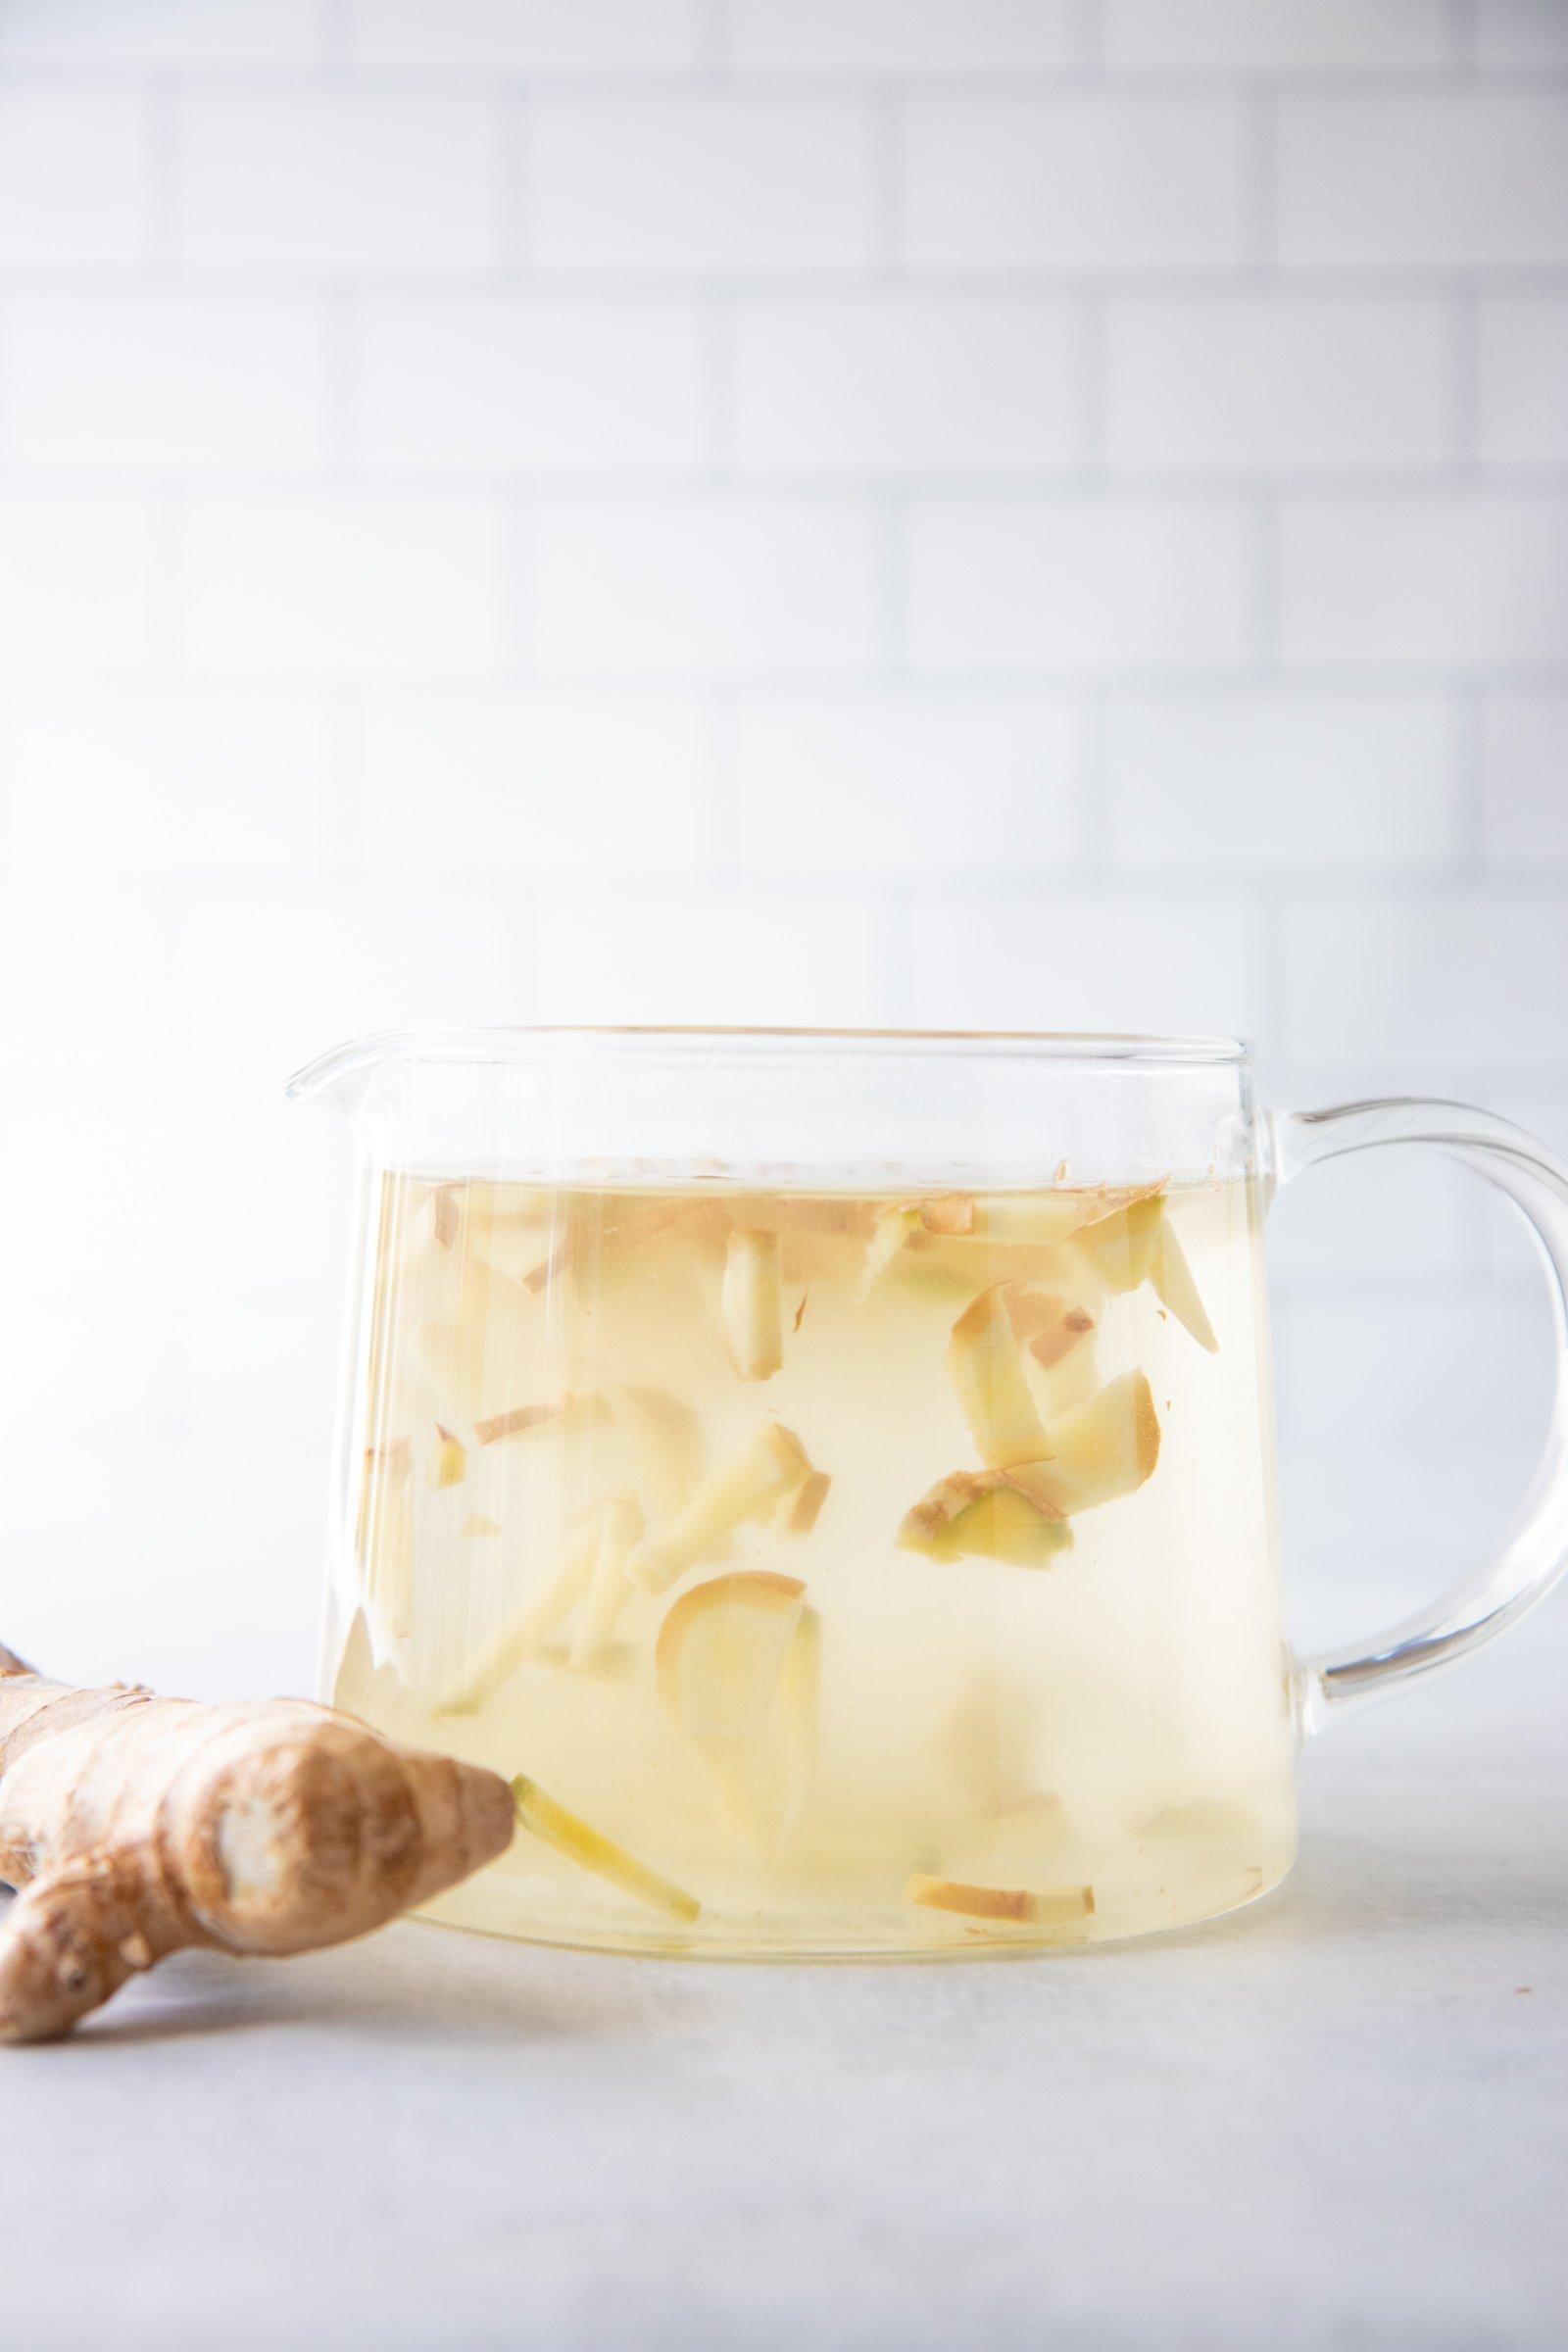 Glass tea pot full of ginger tea made with fresh ginger root